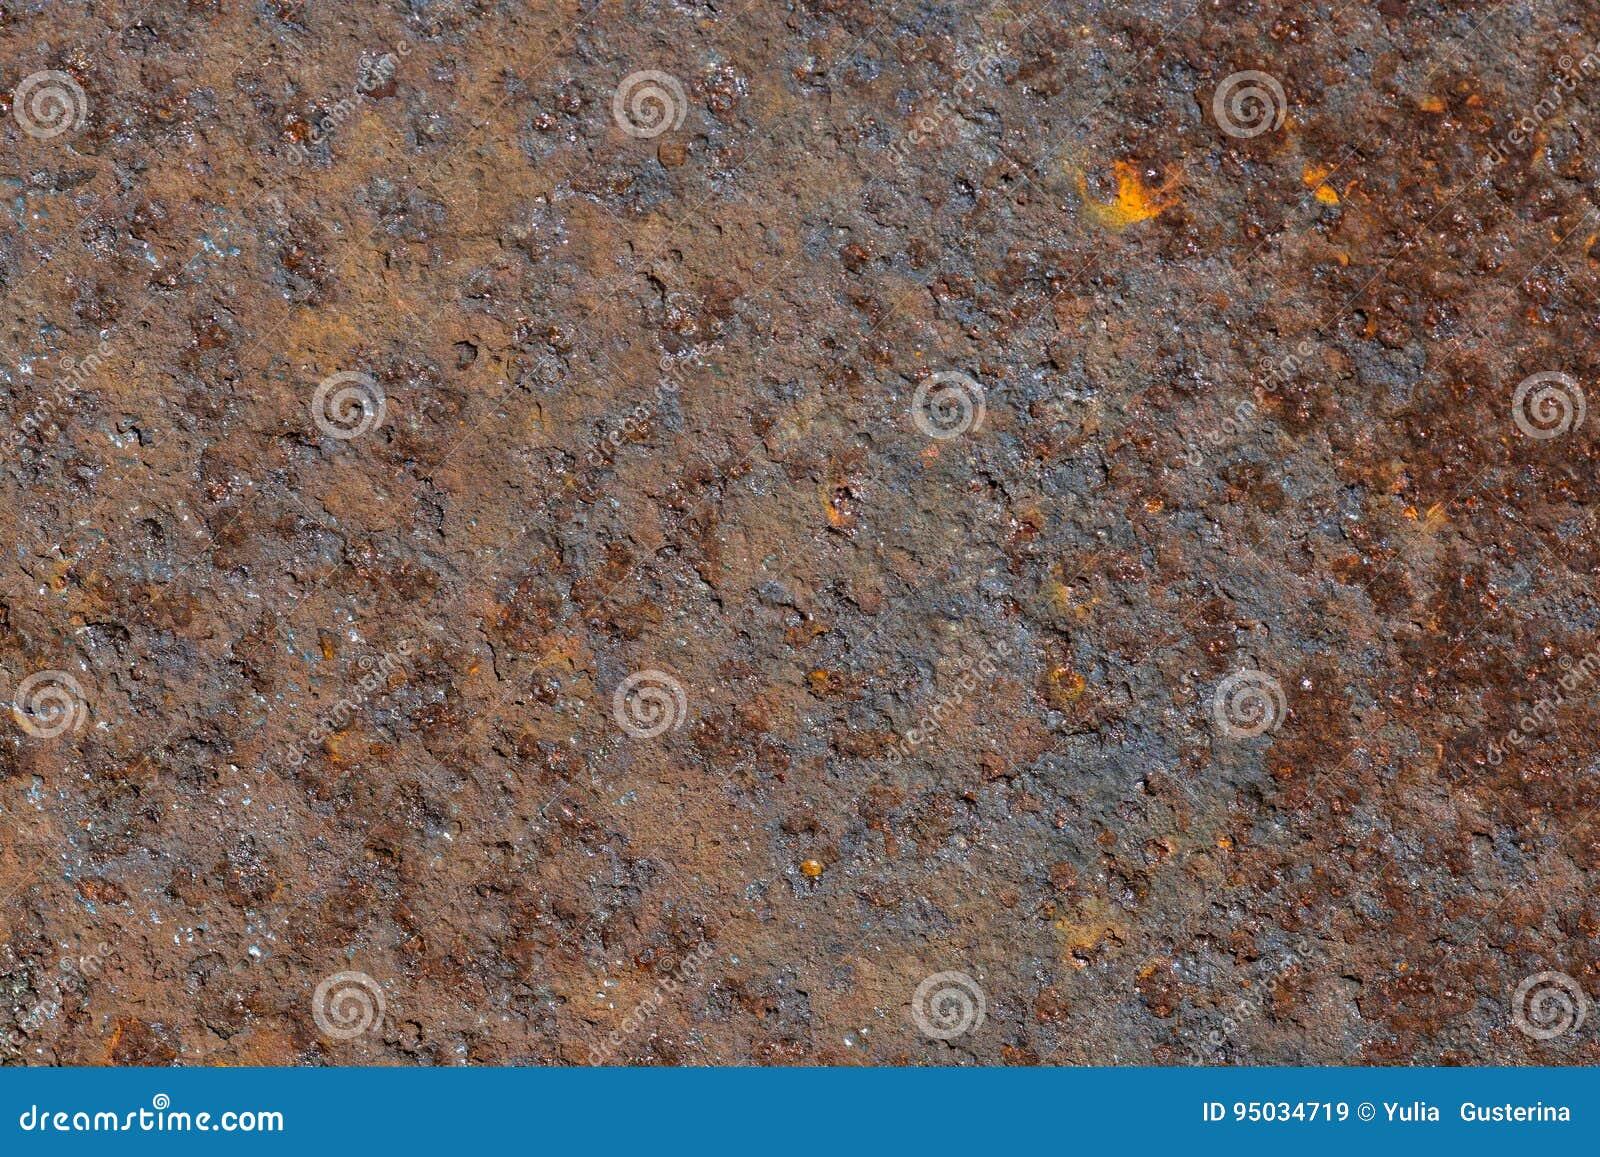 Rostad textur för bakgrund för arkmetall medf8ort